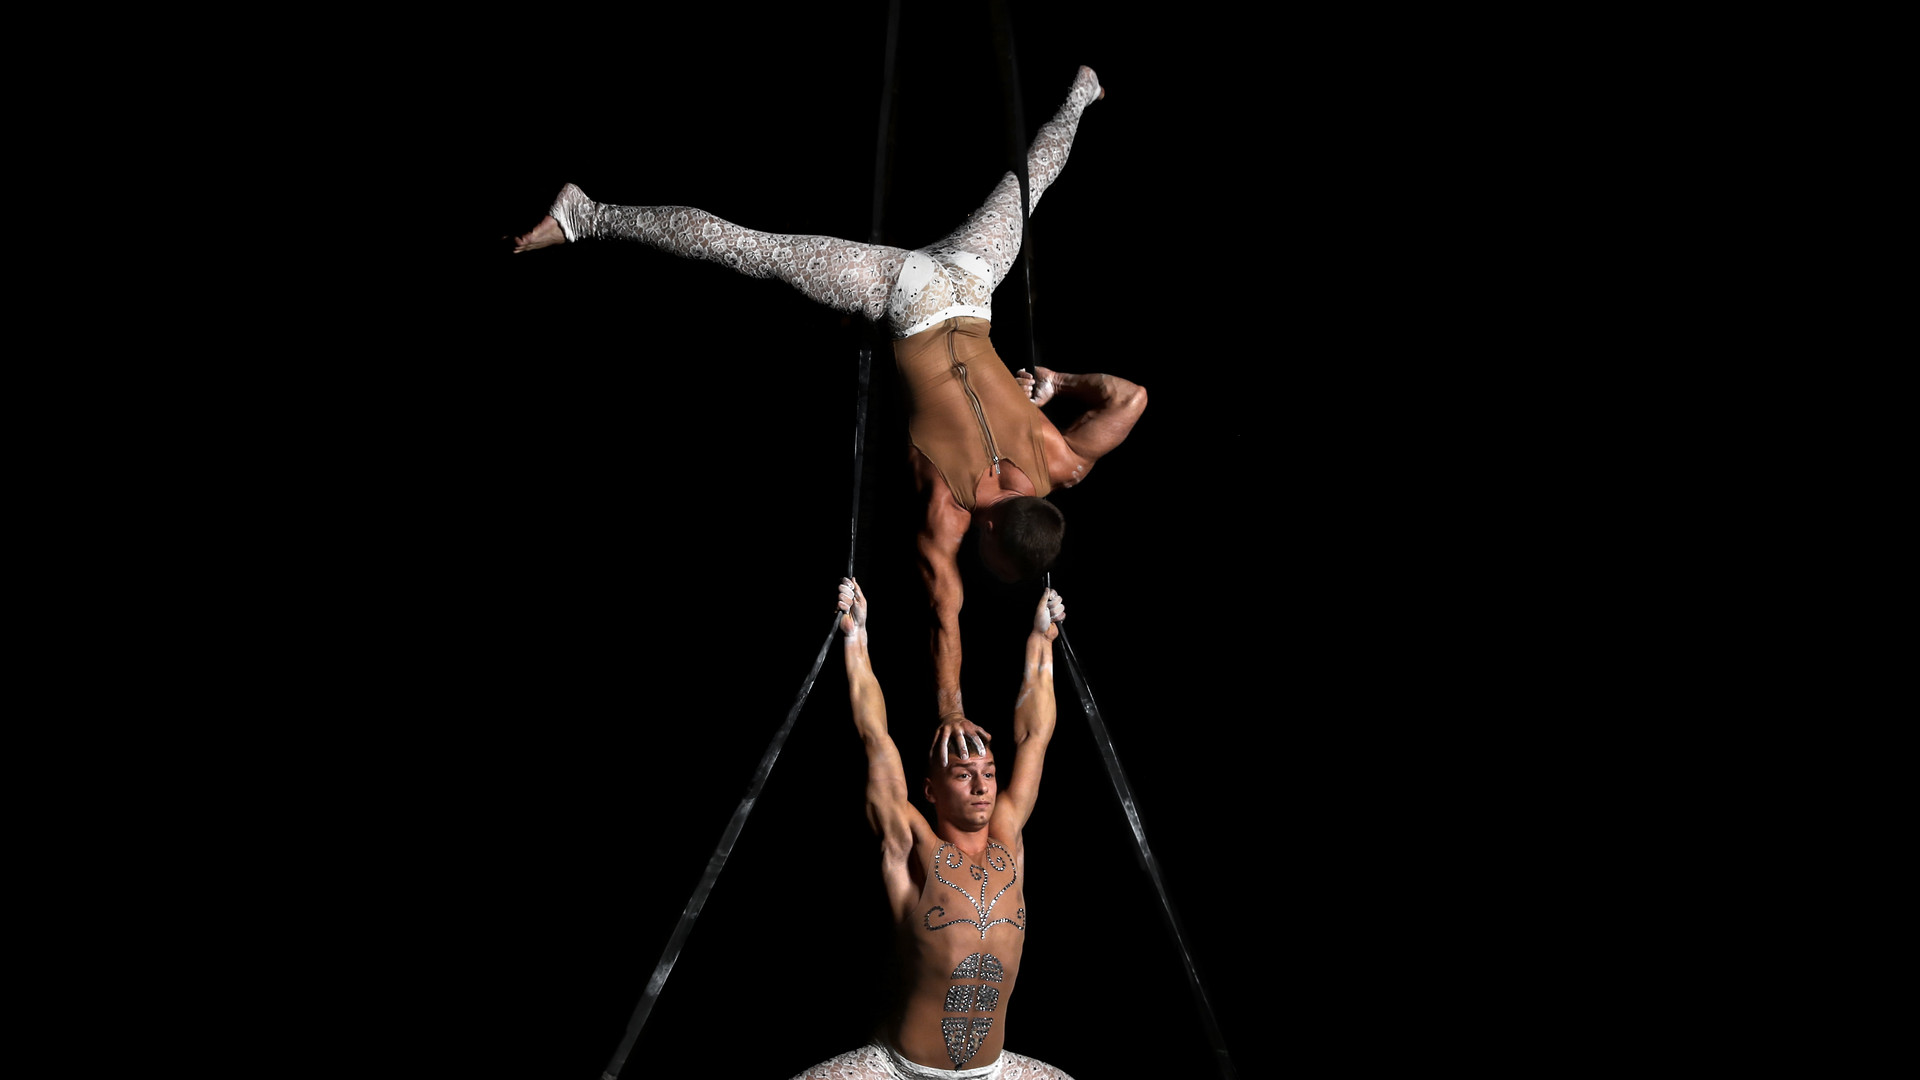 Акробаты воздушные Москва. Шоумен шоу